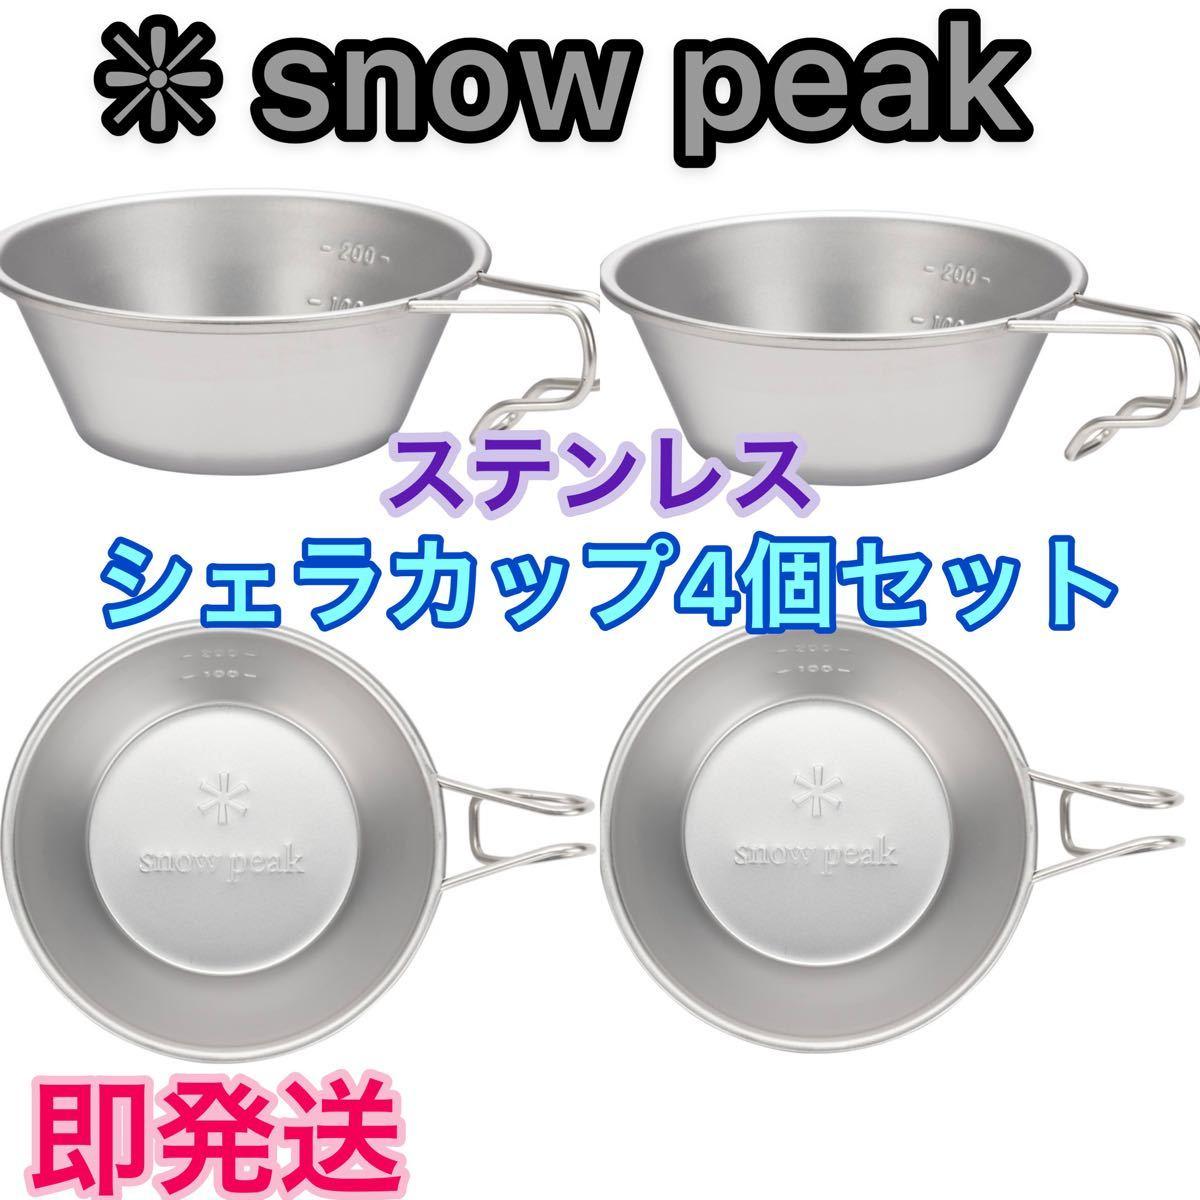 【新品未使用】snow peakスノーピーク シェラカップ   ★4個セット★☆